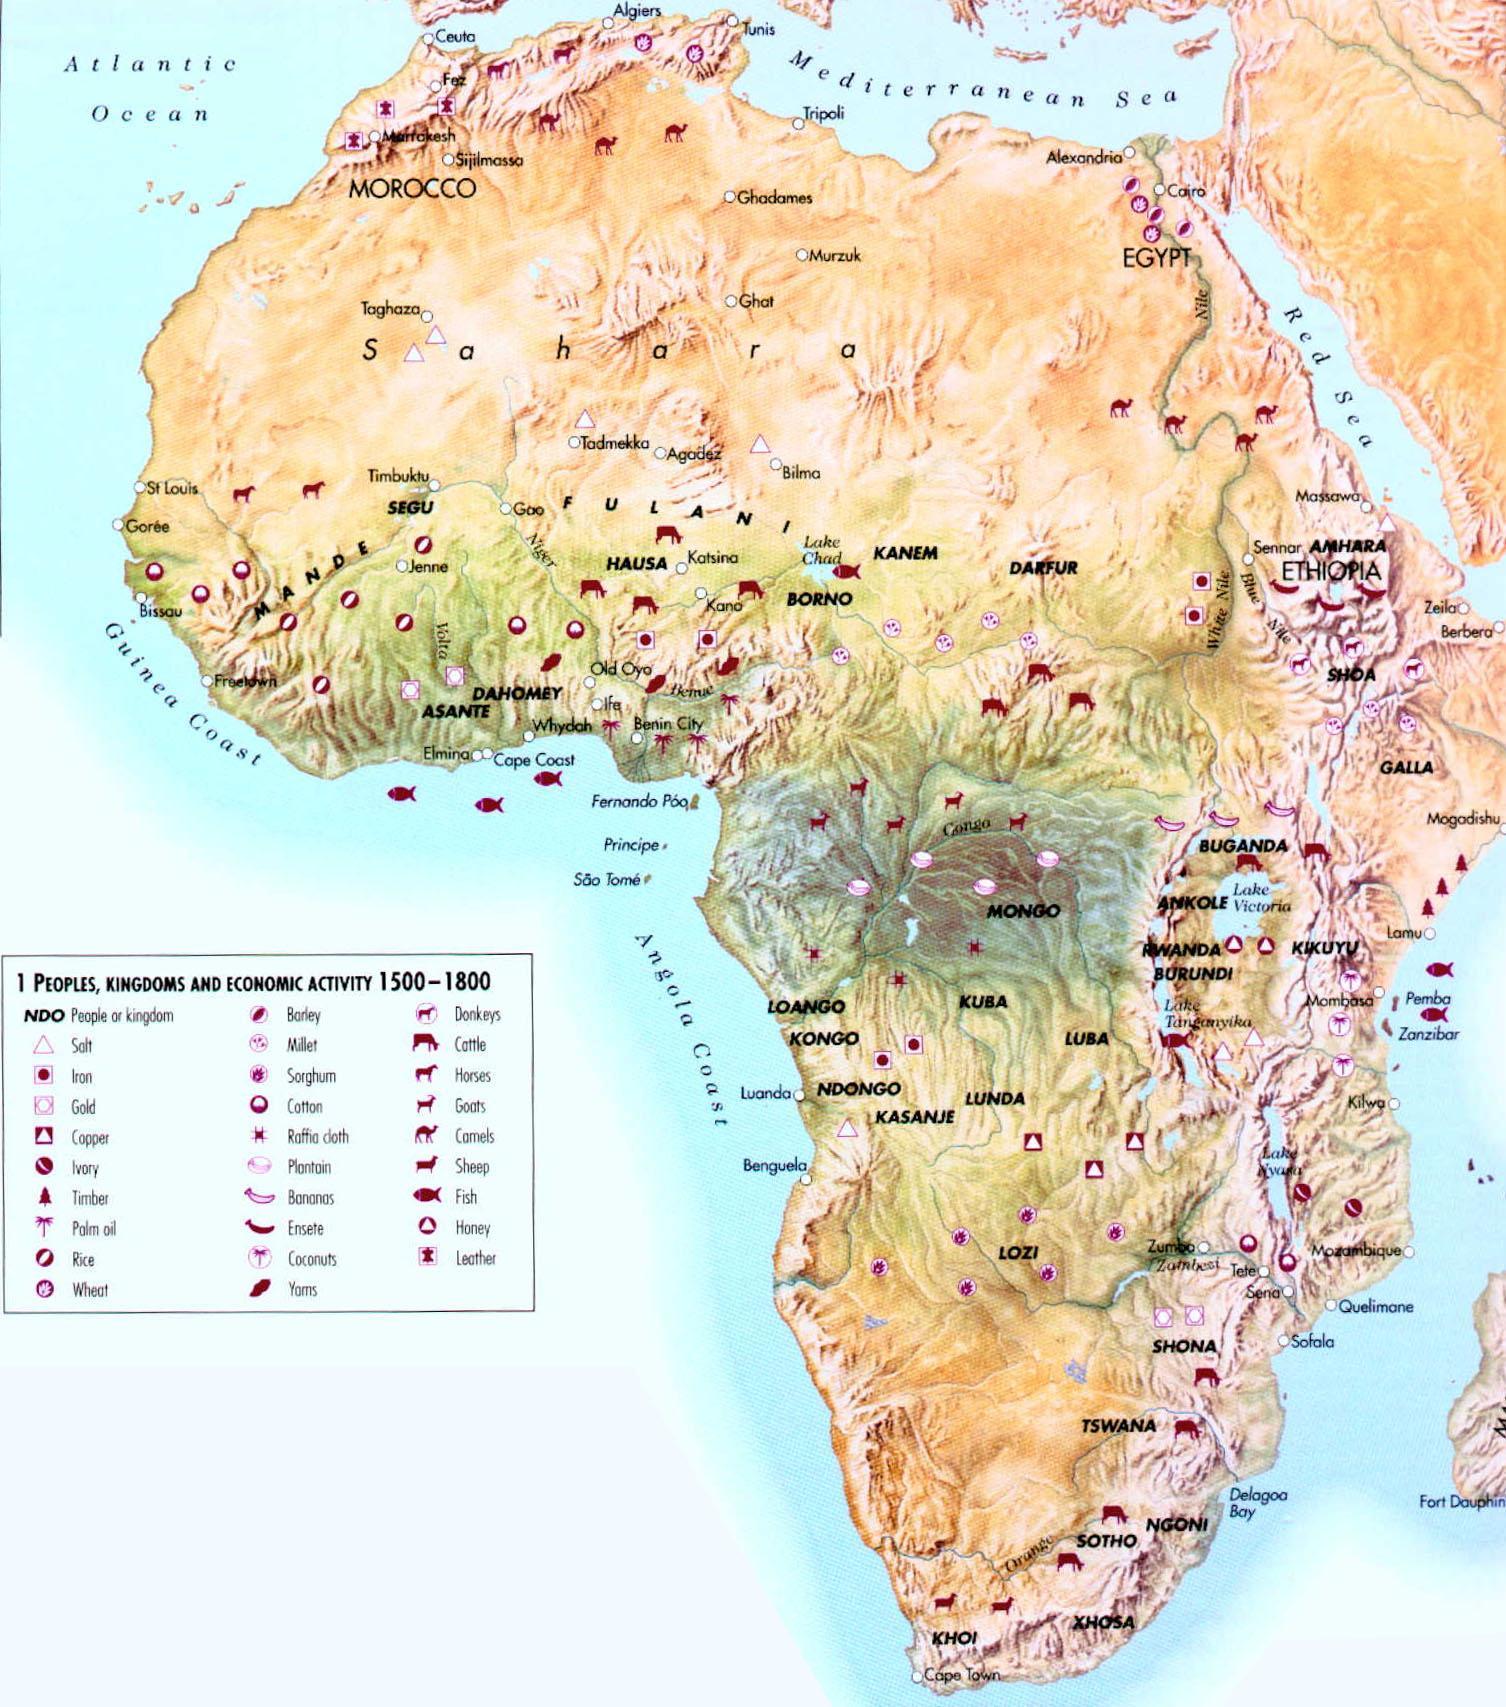 La actividad económica de África 1500-1800